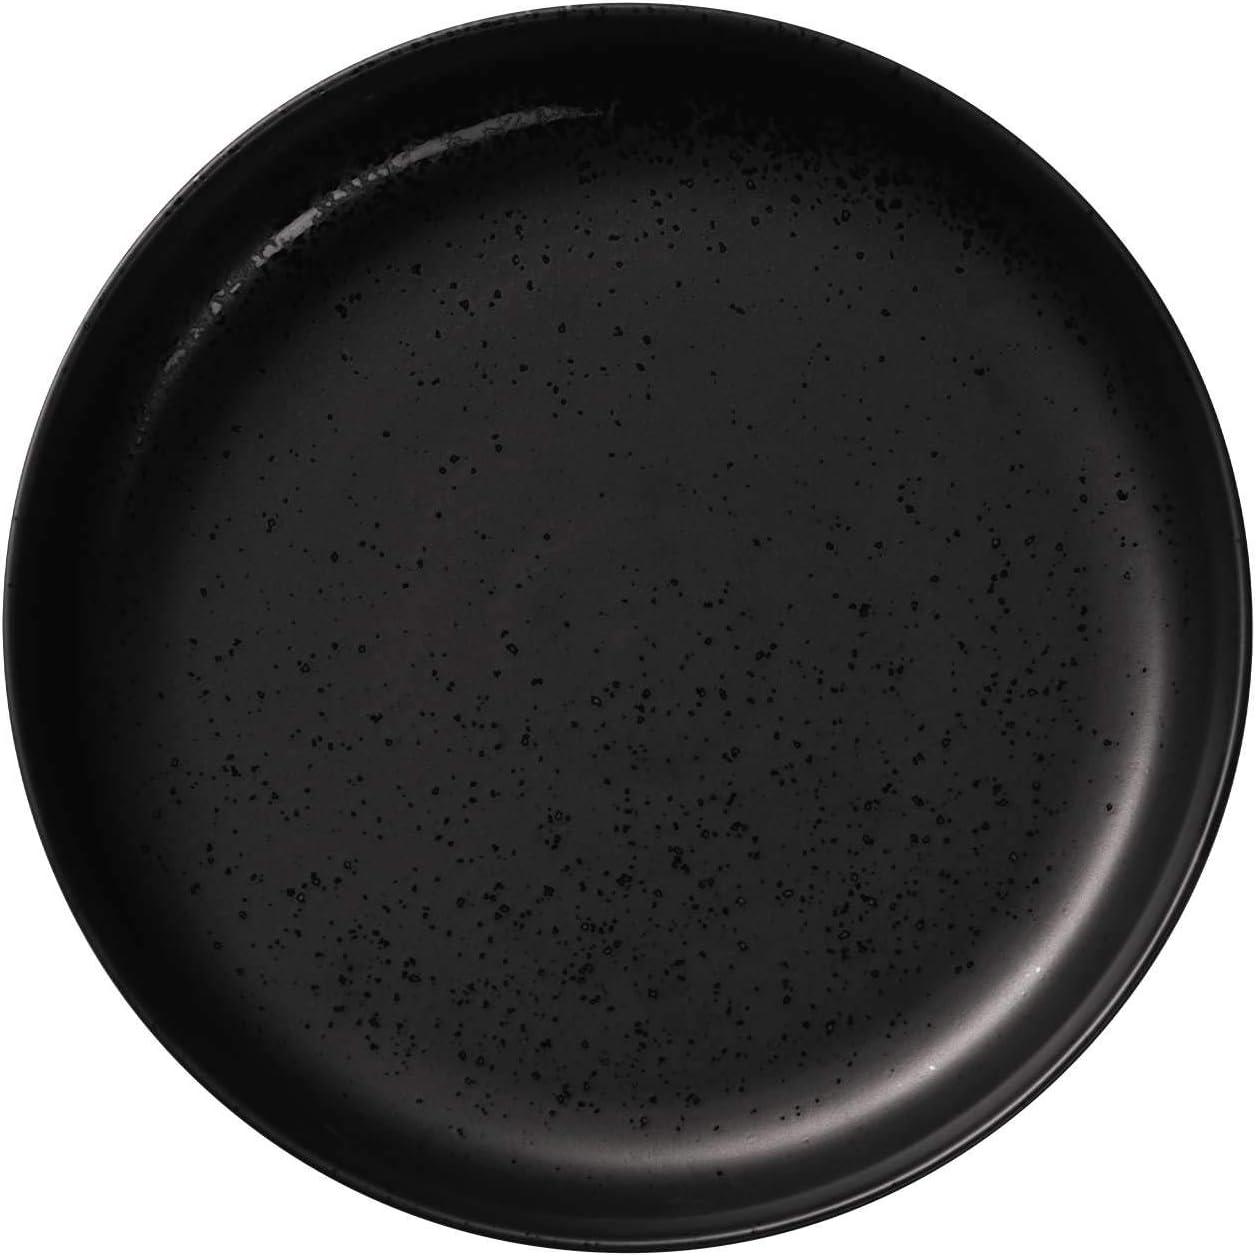 ASA 19250190 40% OFF Cheap Sale OFFicial site Gourmet Plate Porcelain 8.5 kg